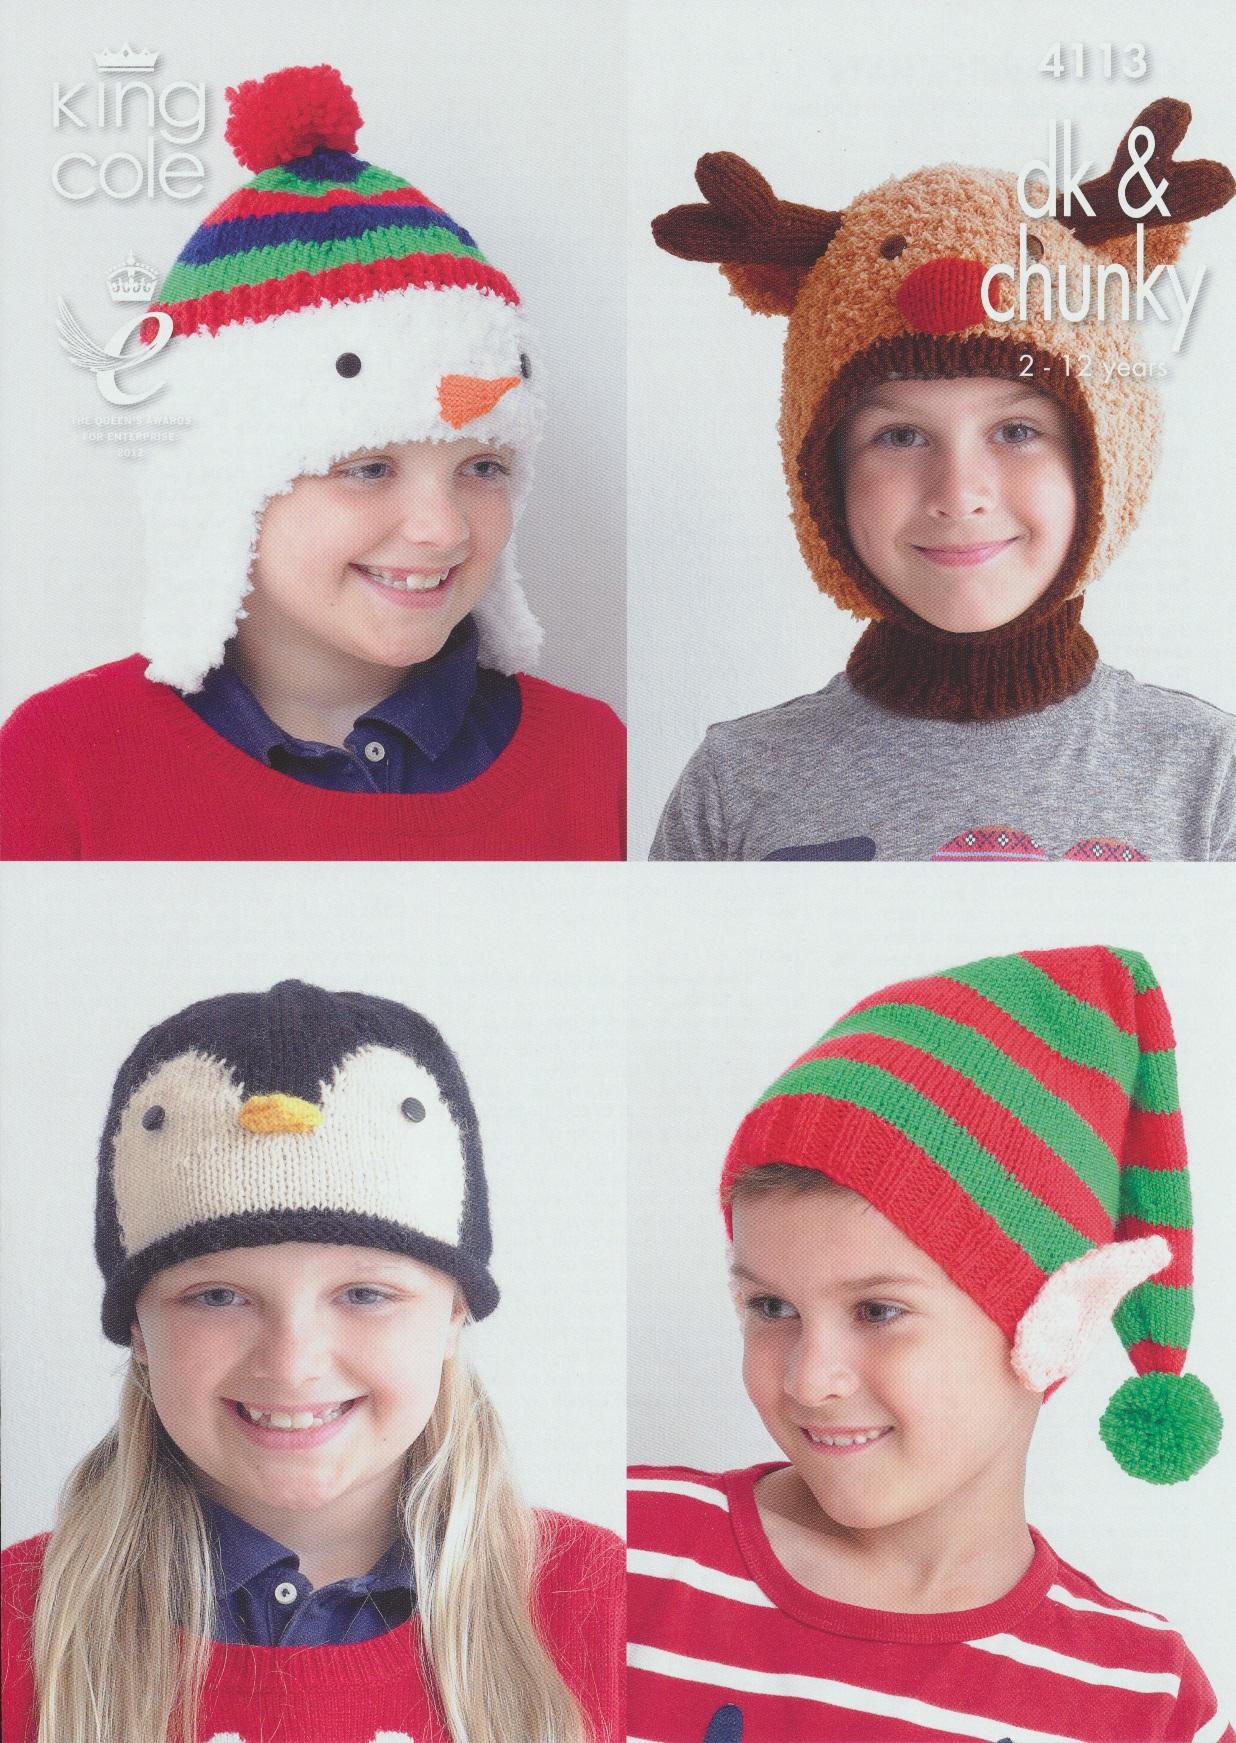 King Cole Penguin Knitting Pattern : DK & Cuddles Knitting Pattern King Cole Childrens Christmas Hats 2-12yrs ...